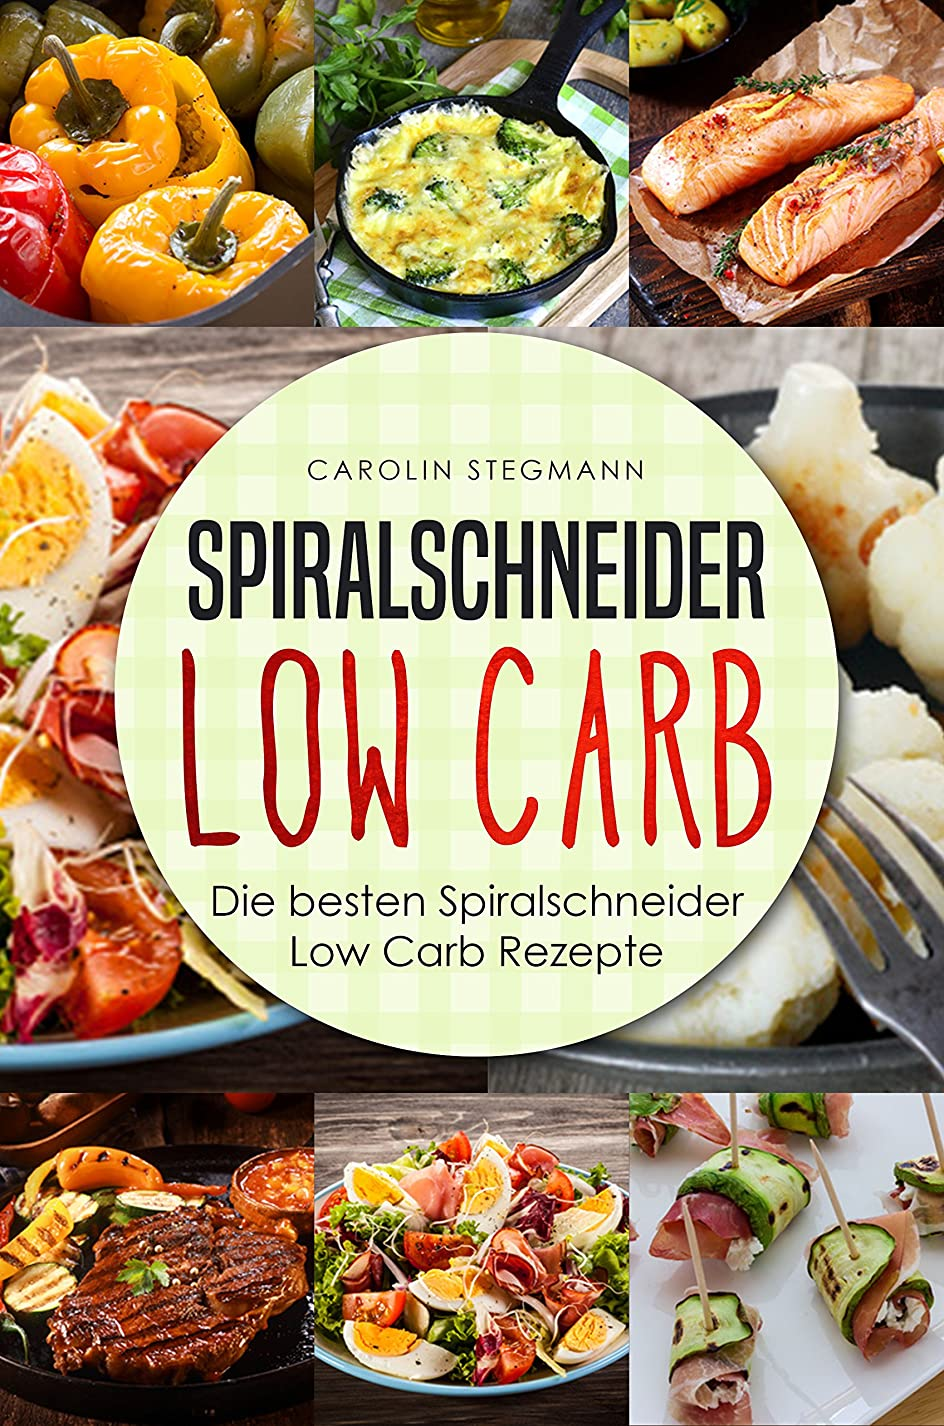 Spiralschneider Low Carb: Die besten Spiralschneider Low Carb Rezepte (We love Spiralschneider 1) (German Edition)